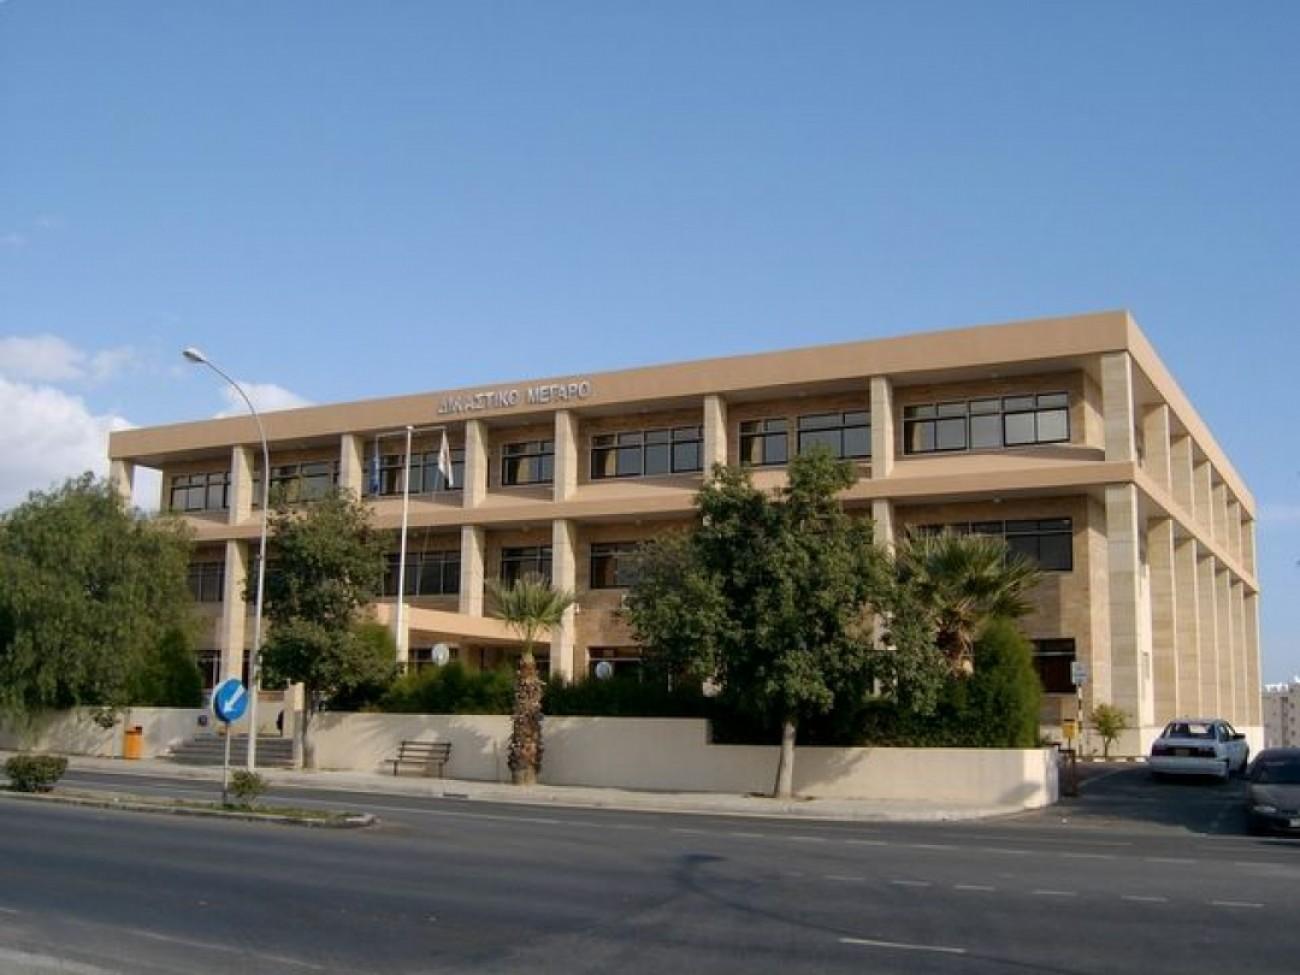 Λάρνακα: «Έβαλαν στο εδώλιο αθώο» – Ψευδής καταγγελία βιασμού κόρης